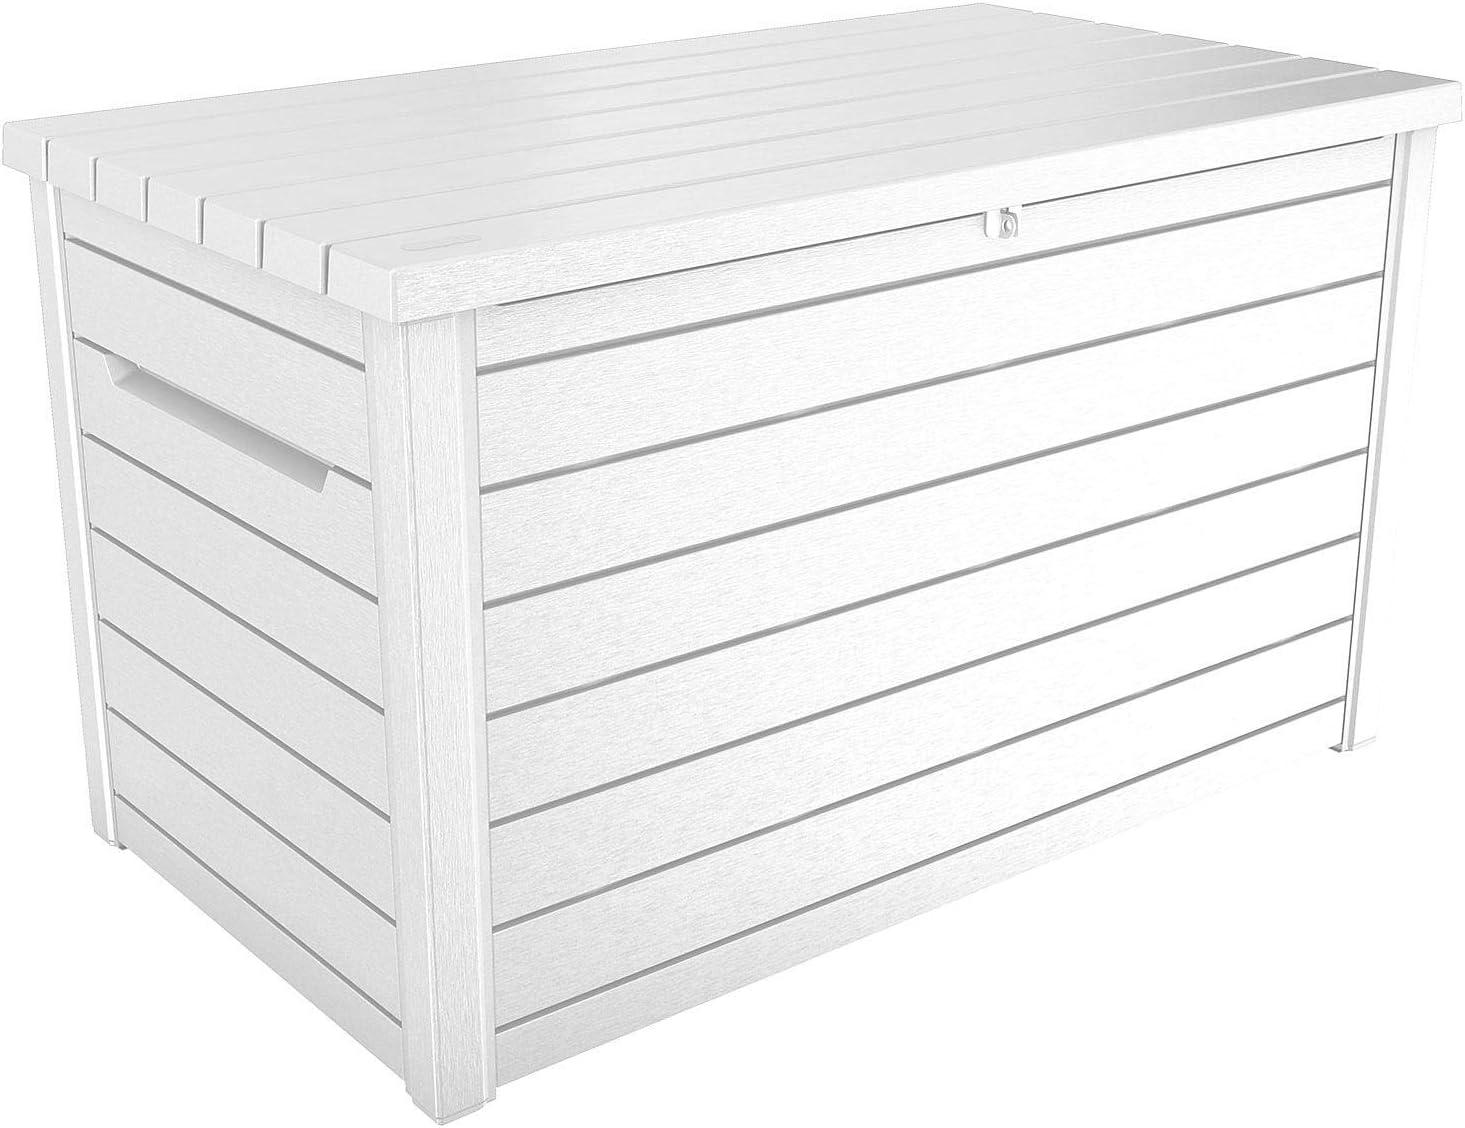 Amazon Com Keter Xxl 230 Gallon Deck Storage Box Outdoor Patio Container White Garden Outdoor